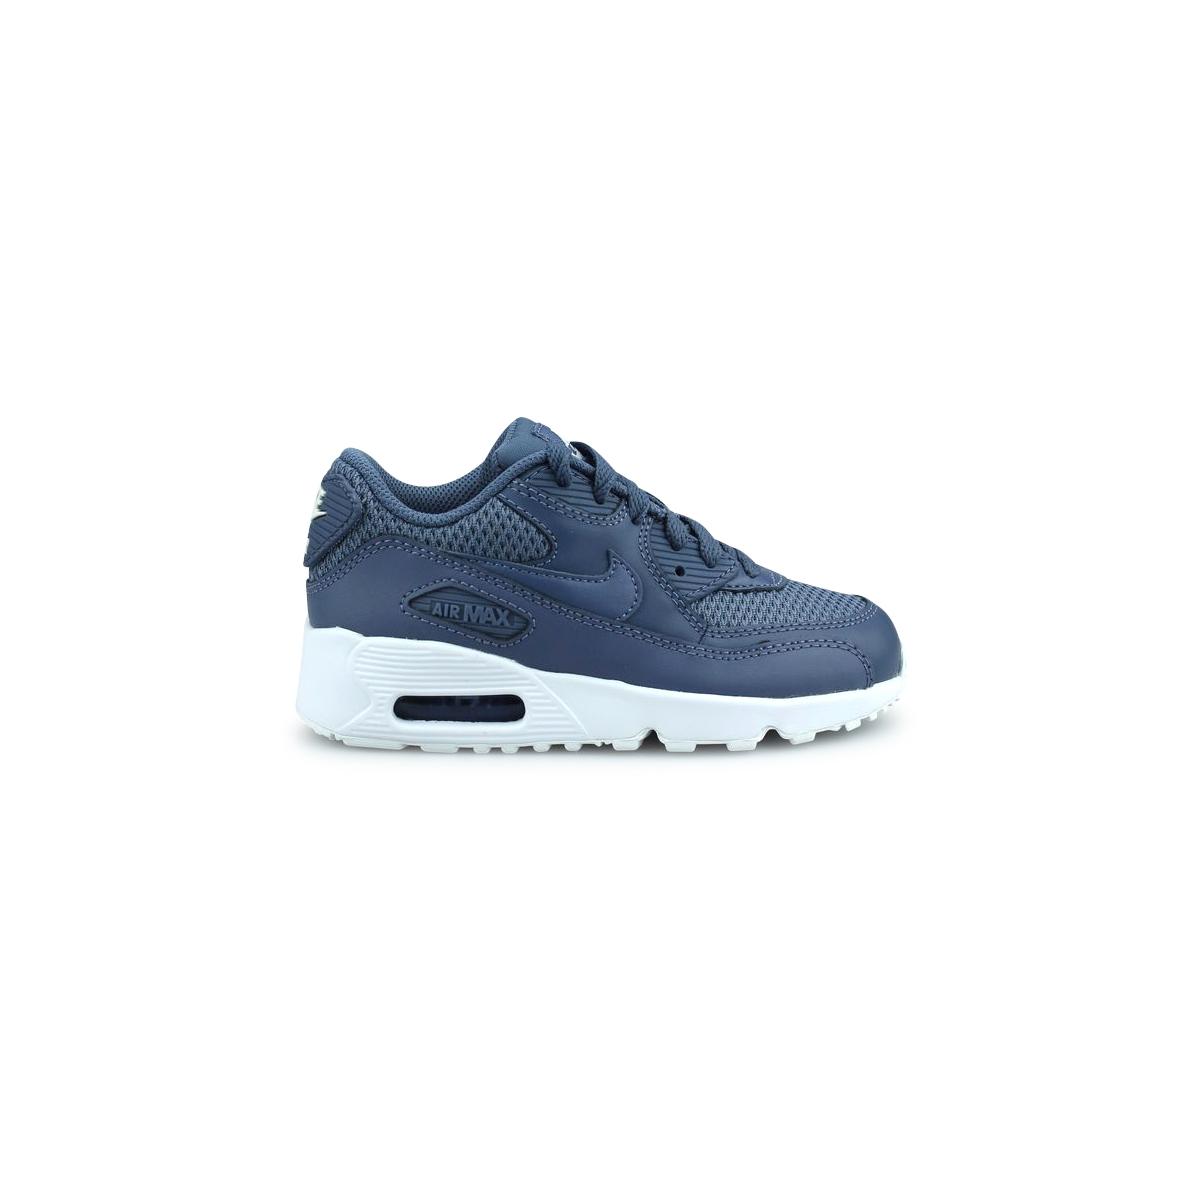 Nike Air Max 90 Mesh enfant Bleu 833420-409 aVhuRf